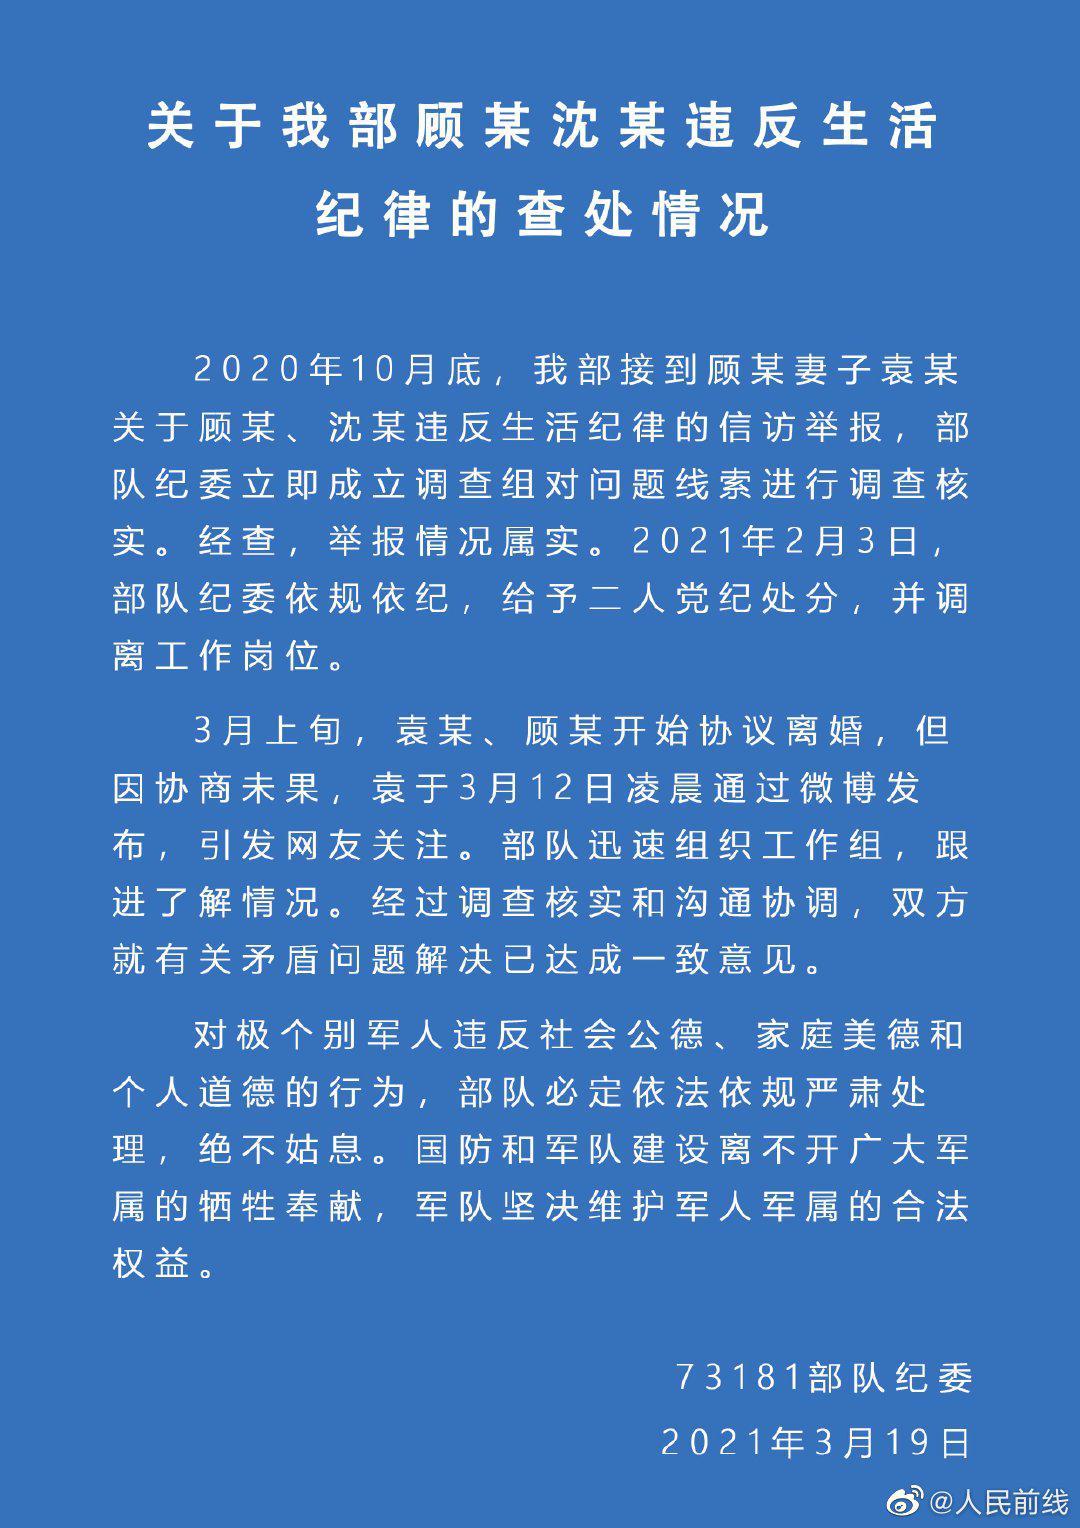 东部战区:关于我部顾某沈某违反生活纪律的查处情况图片